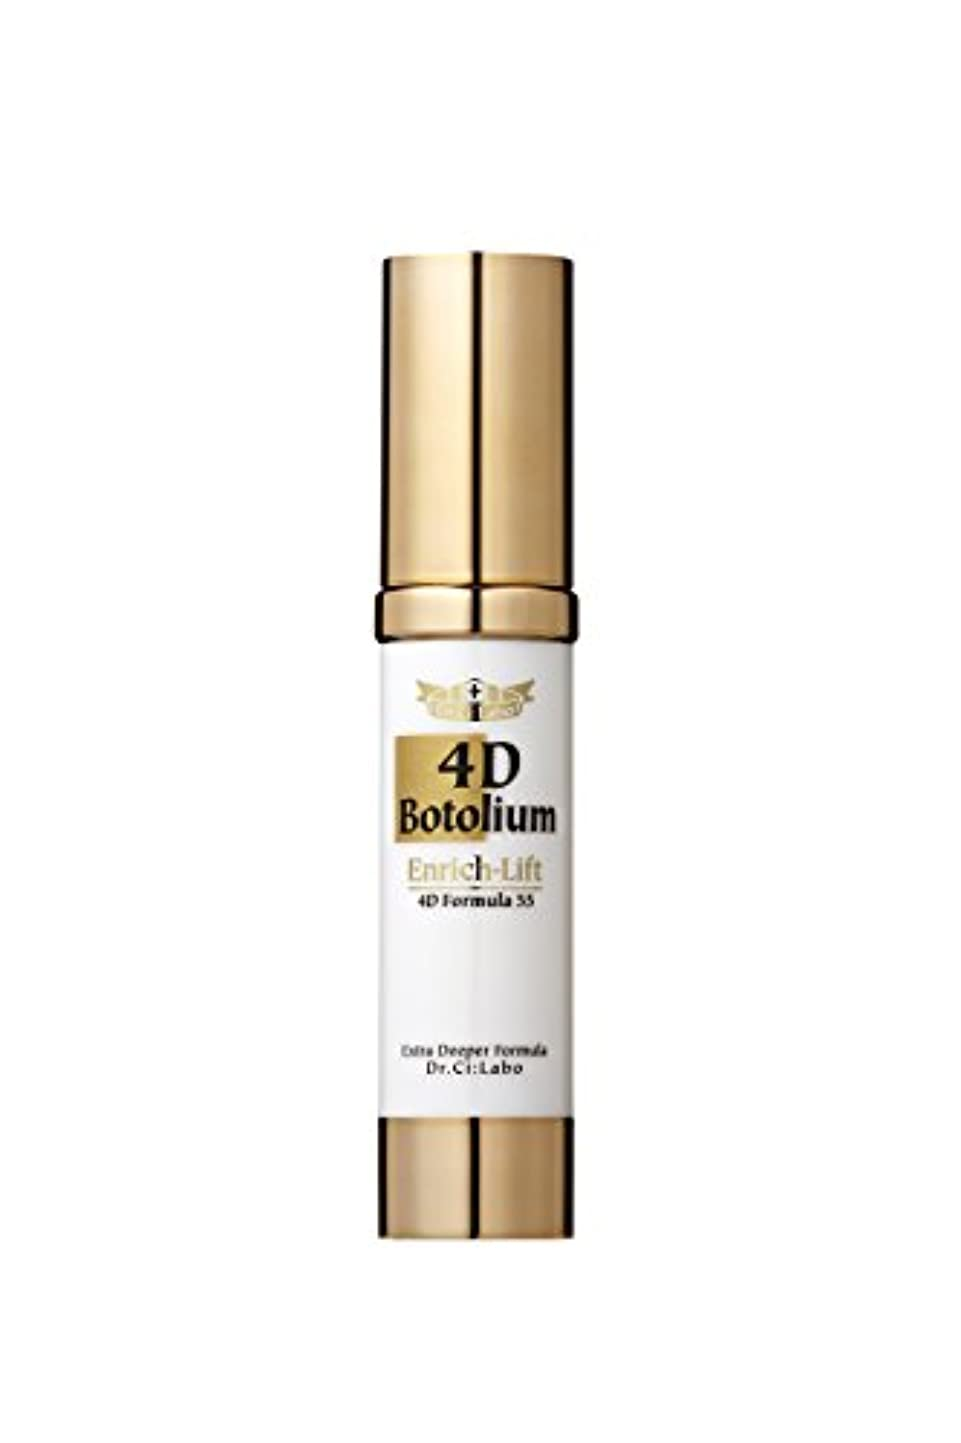 受動的仕方密輸ドクターシーラボ 4Dボトリウム エンリッチ リフト 美容液 18g